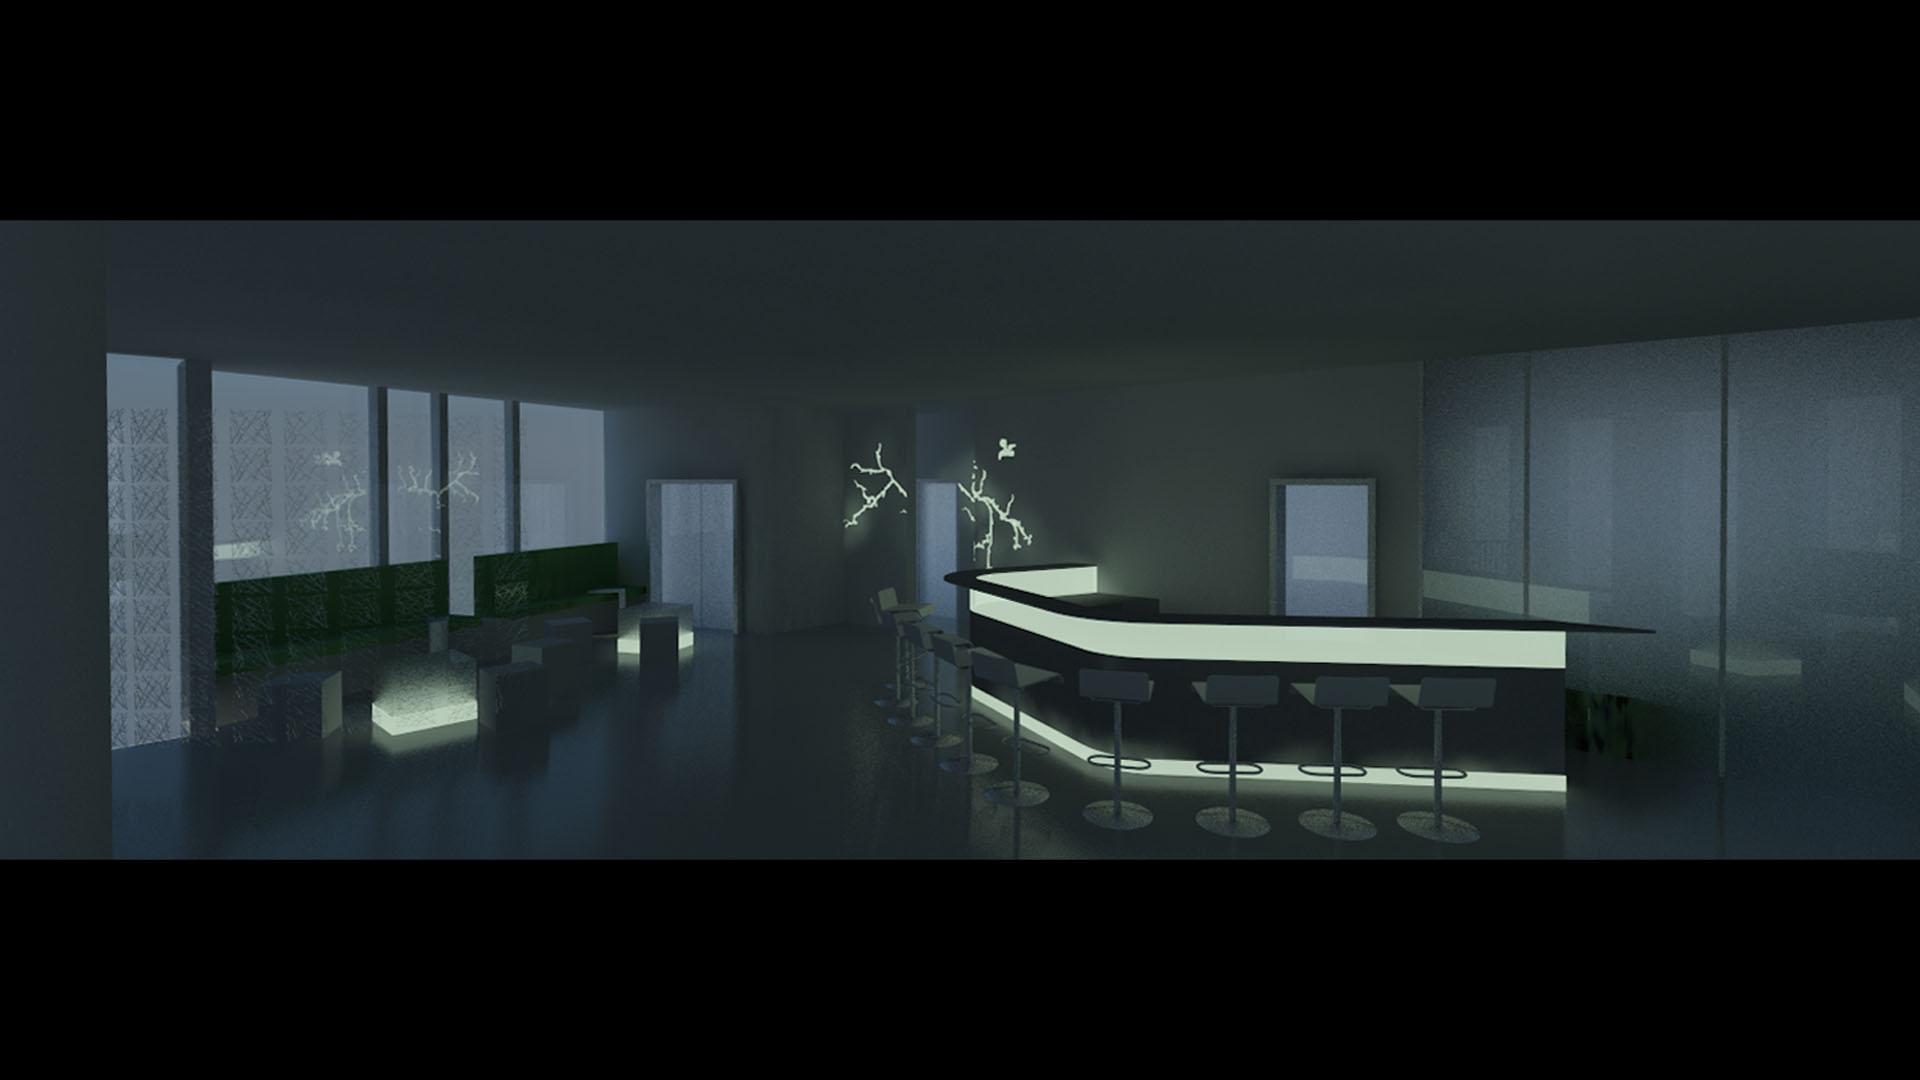 MAASS-Lichtplanung_Gestaltungskonzept Bar__MAASS-Poseidon-Bar-004